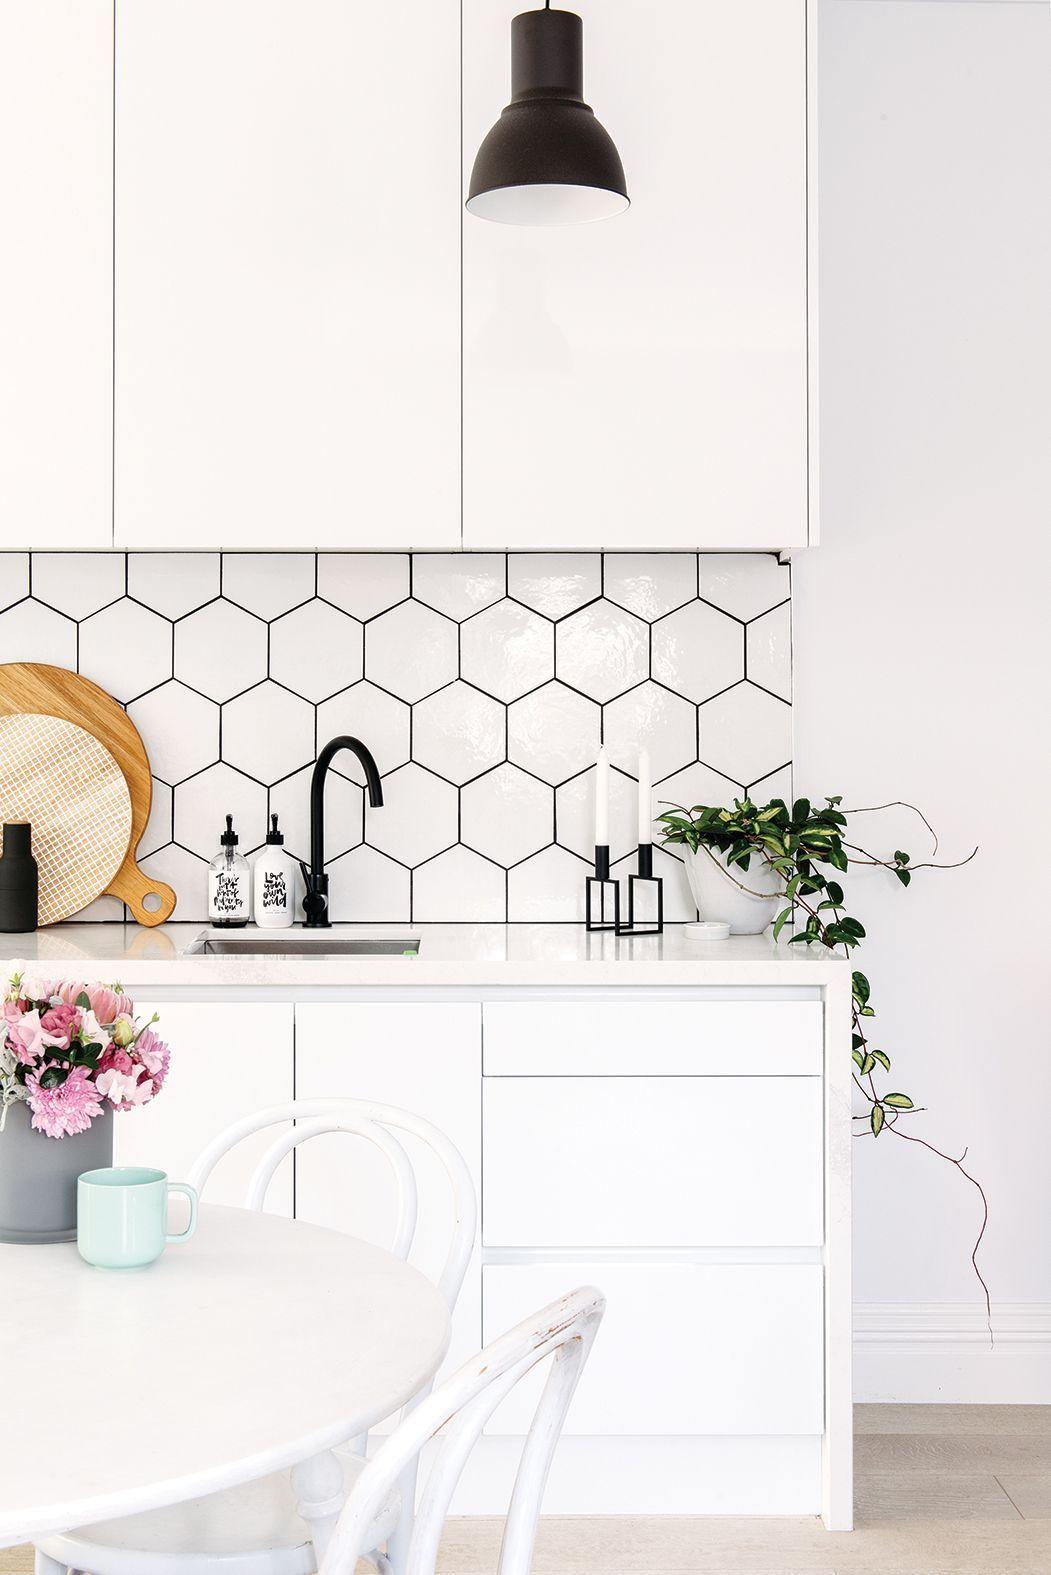 Best kitchen splashback ideas u cool tile decoration that make you